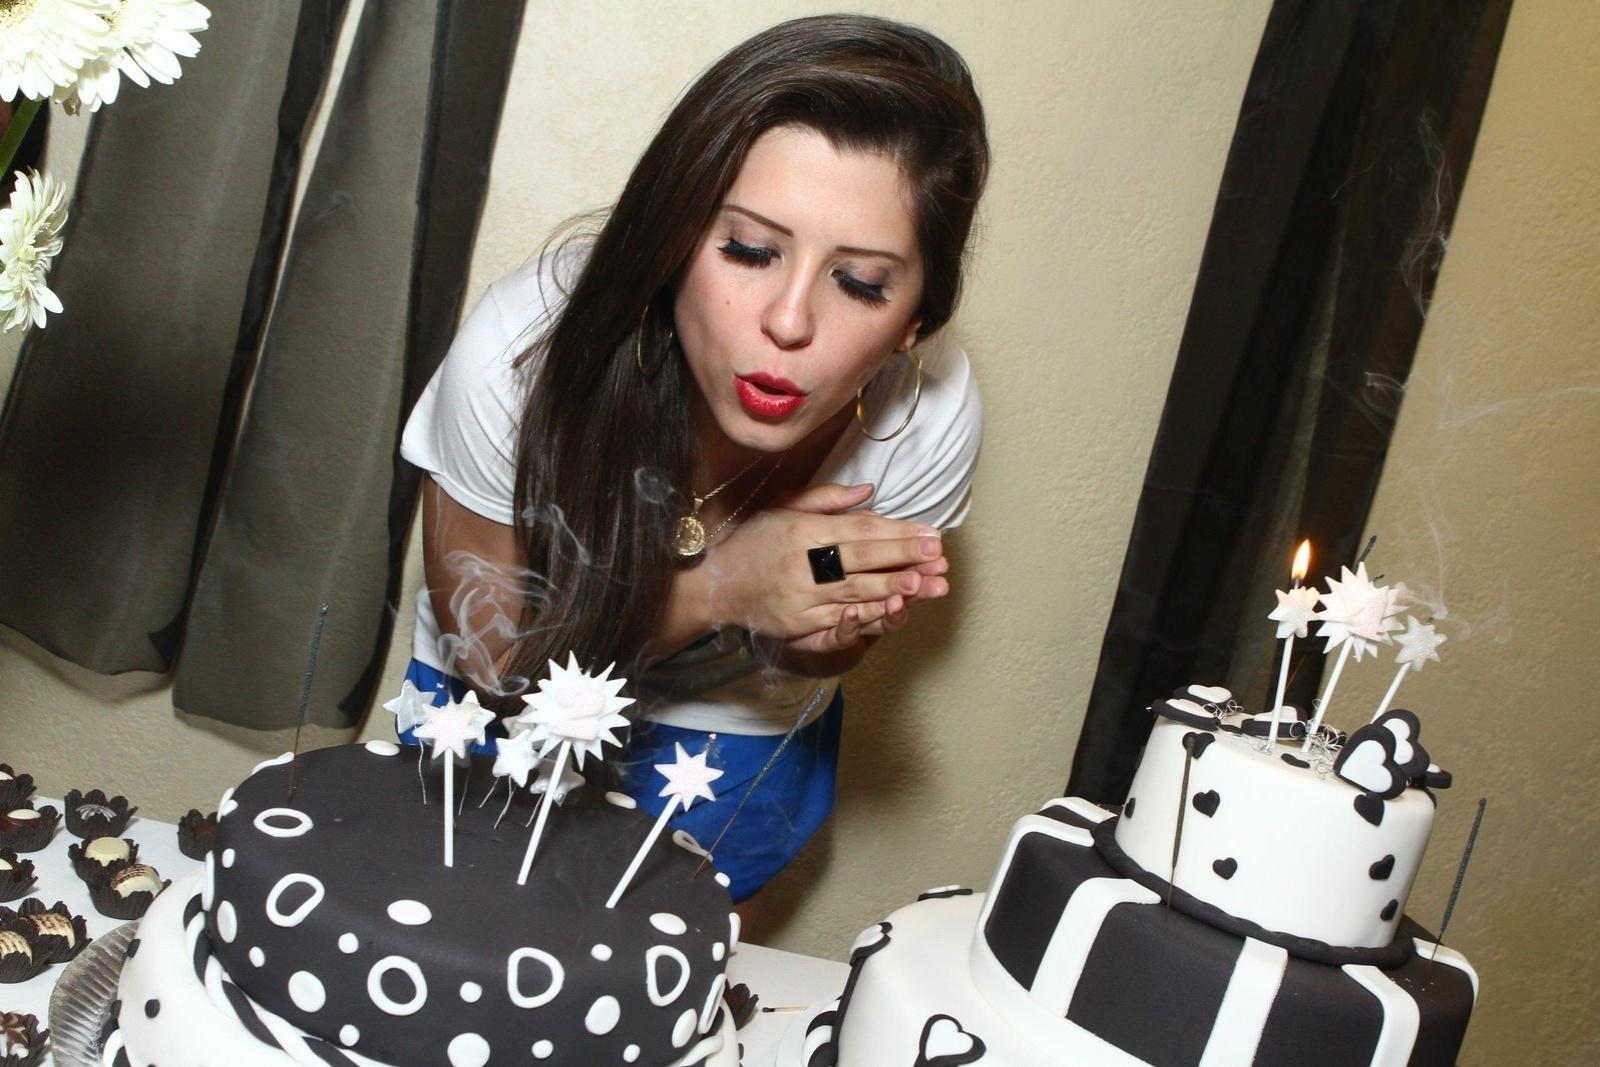 1.ago.2013 - Andressa assopra vela em sua festa de aniversário no Rio de Janeiro. A ex-BBB completa 24 anos